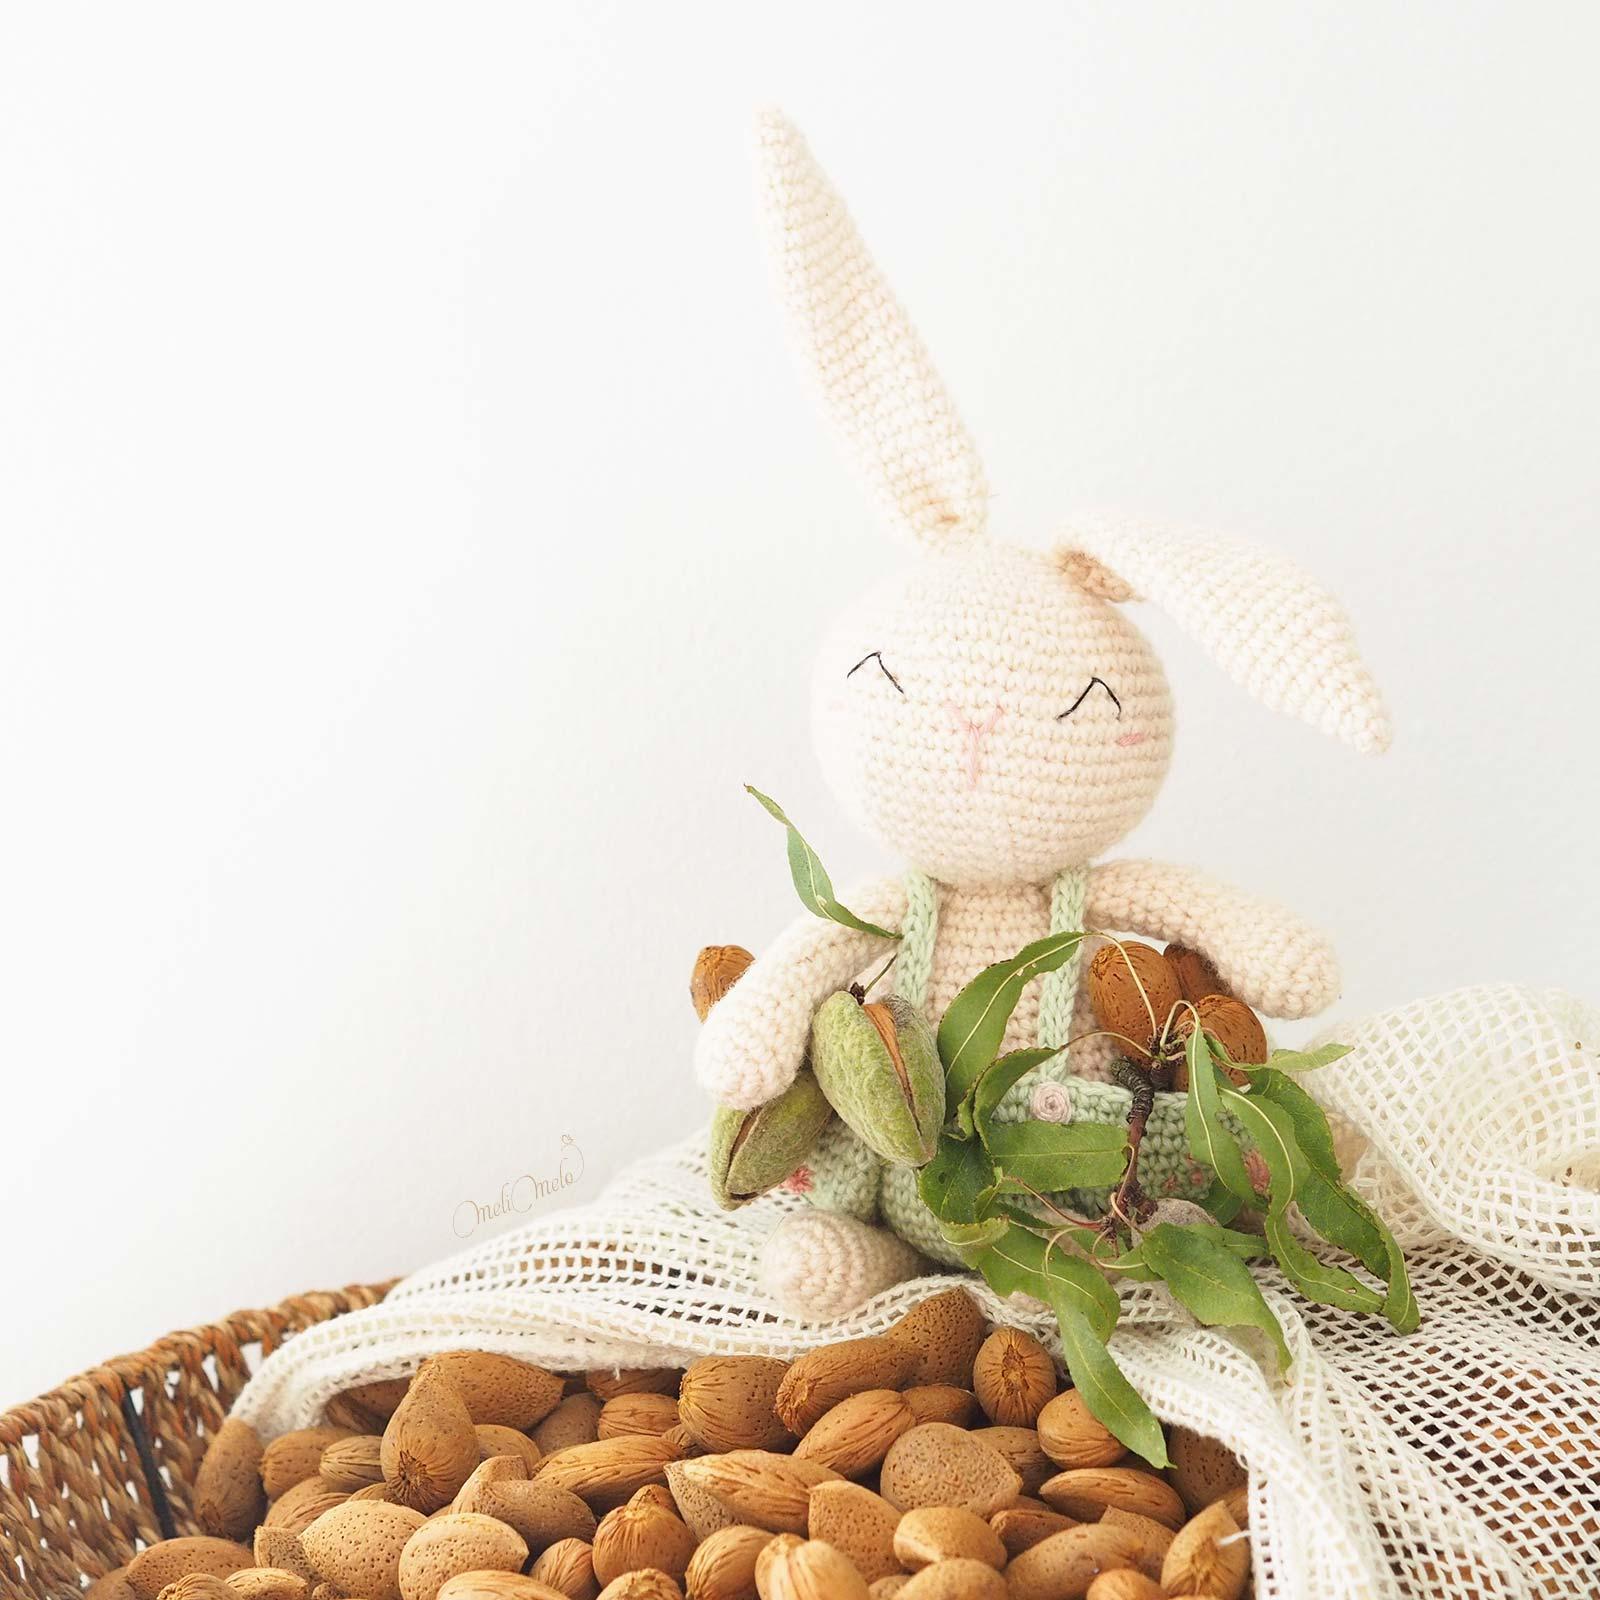 doudou-lapin-amigurumi-naturacrochet-recolte-amandes-fraiches-laboutiquedemelimelo